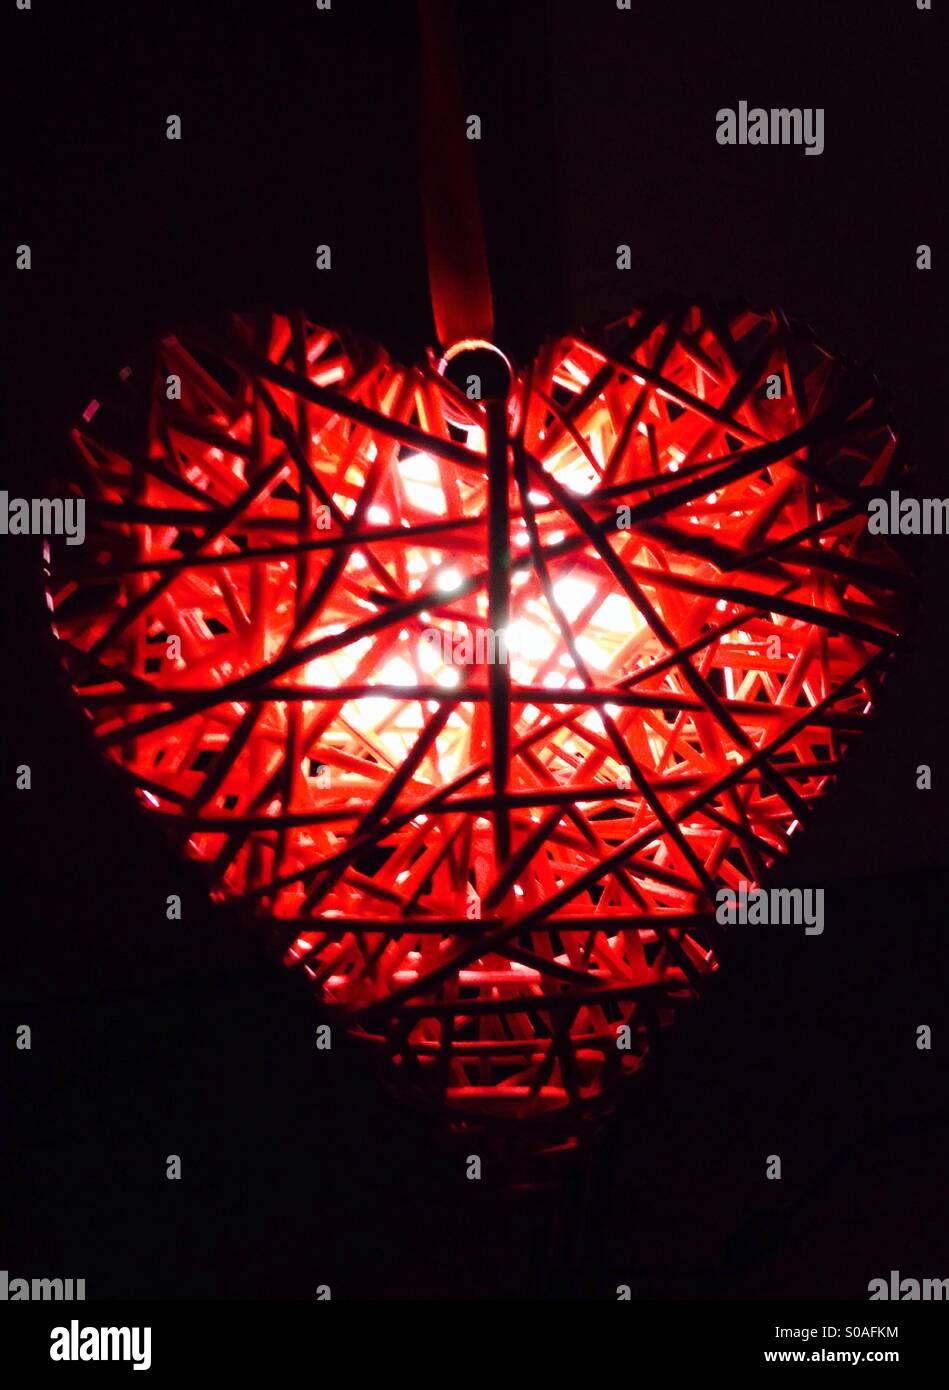 Lumière en forme de coeur Photo Stock